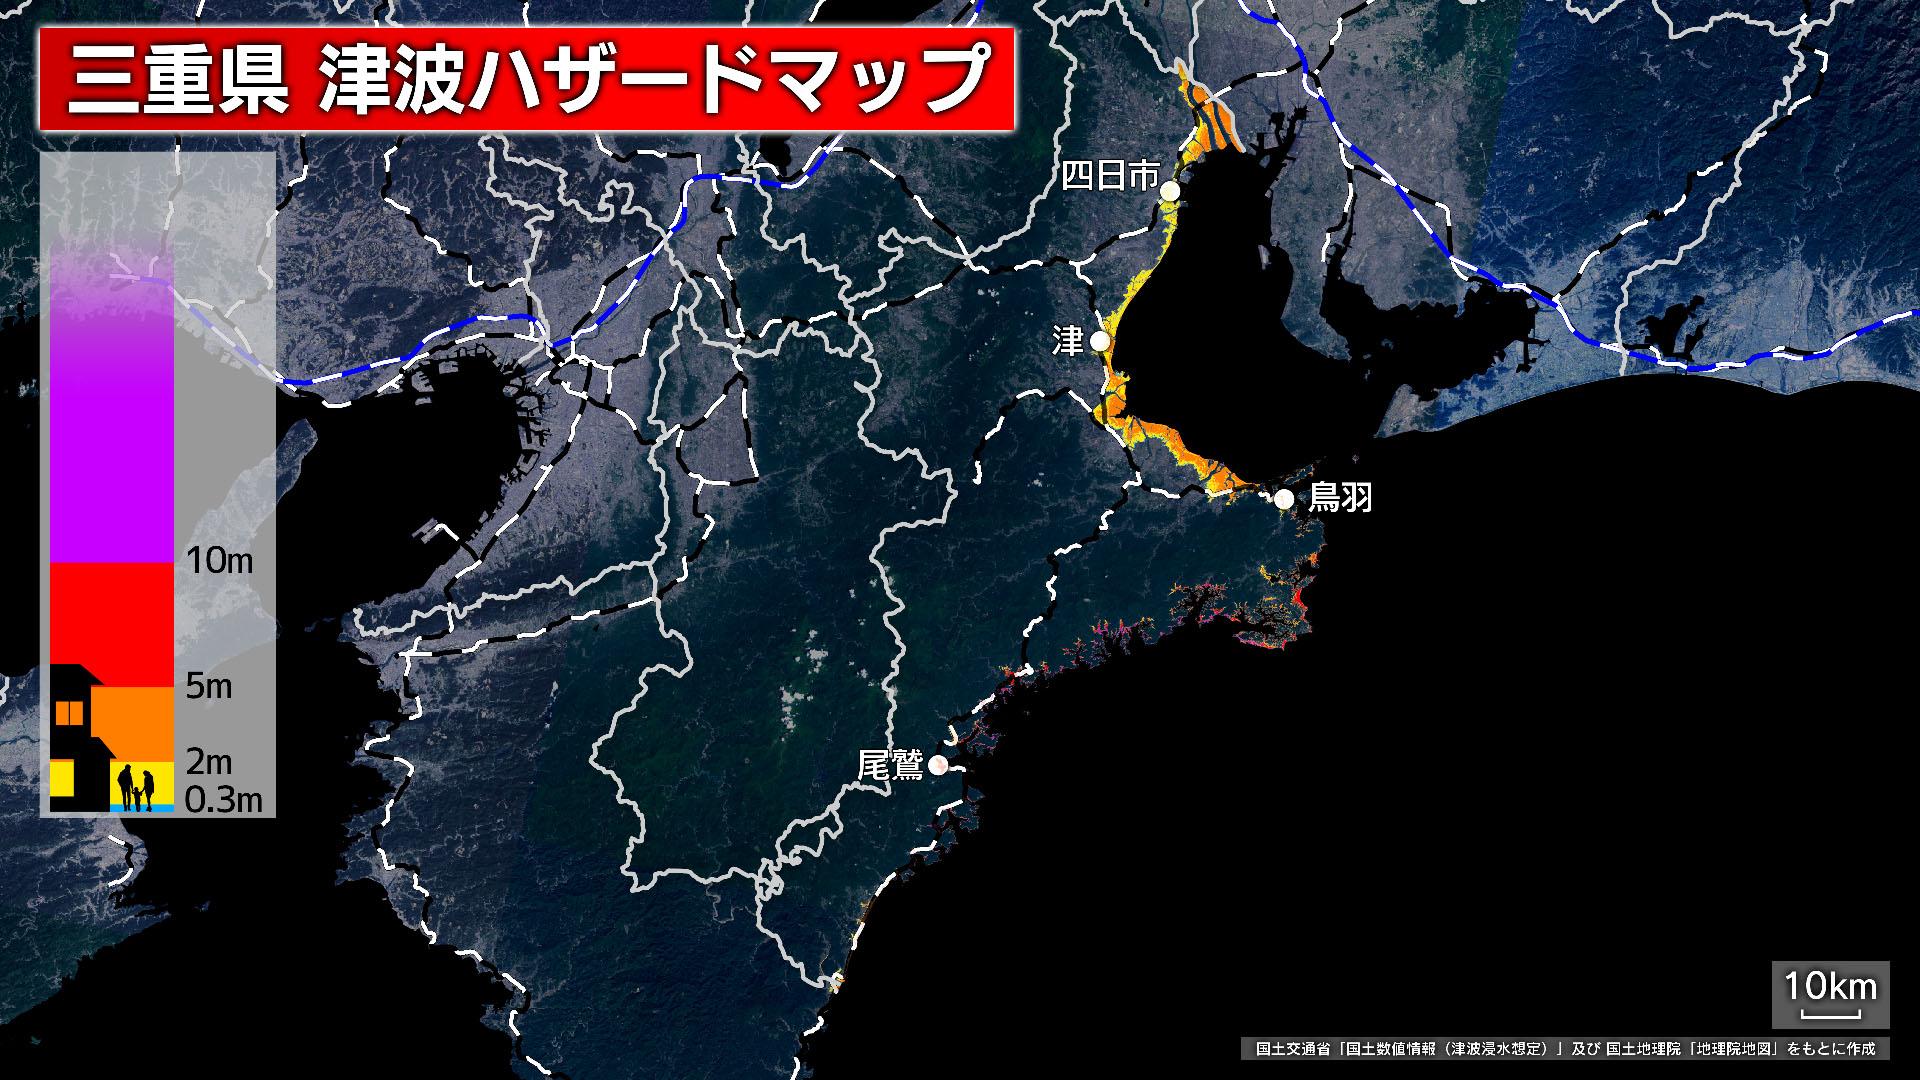 三重県 津波ハザードマップ